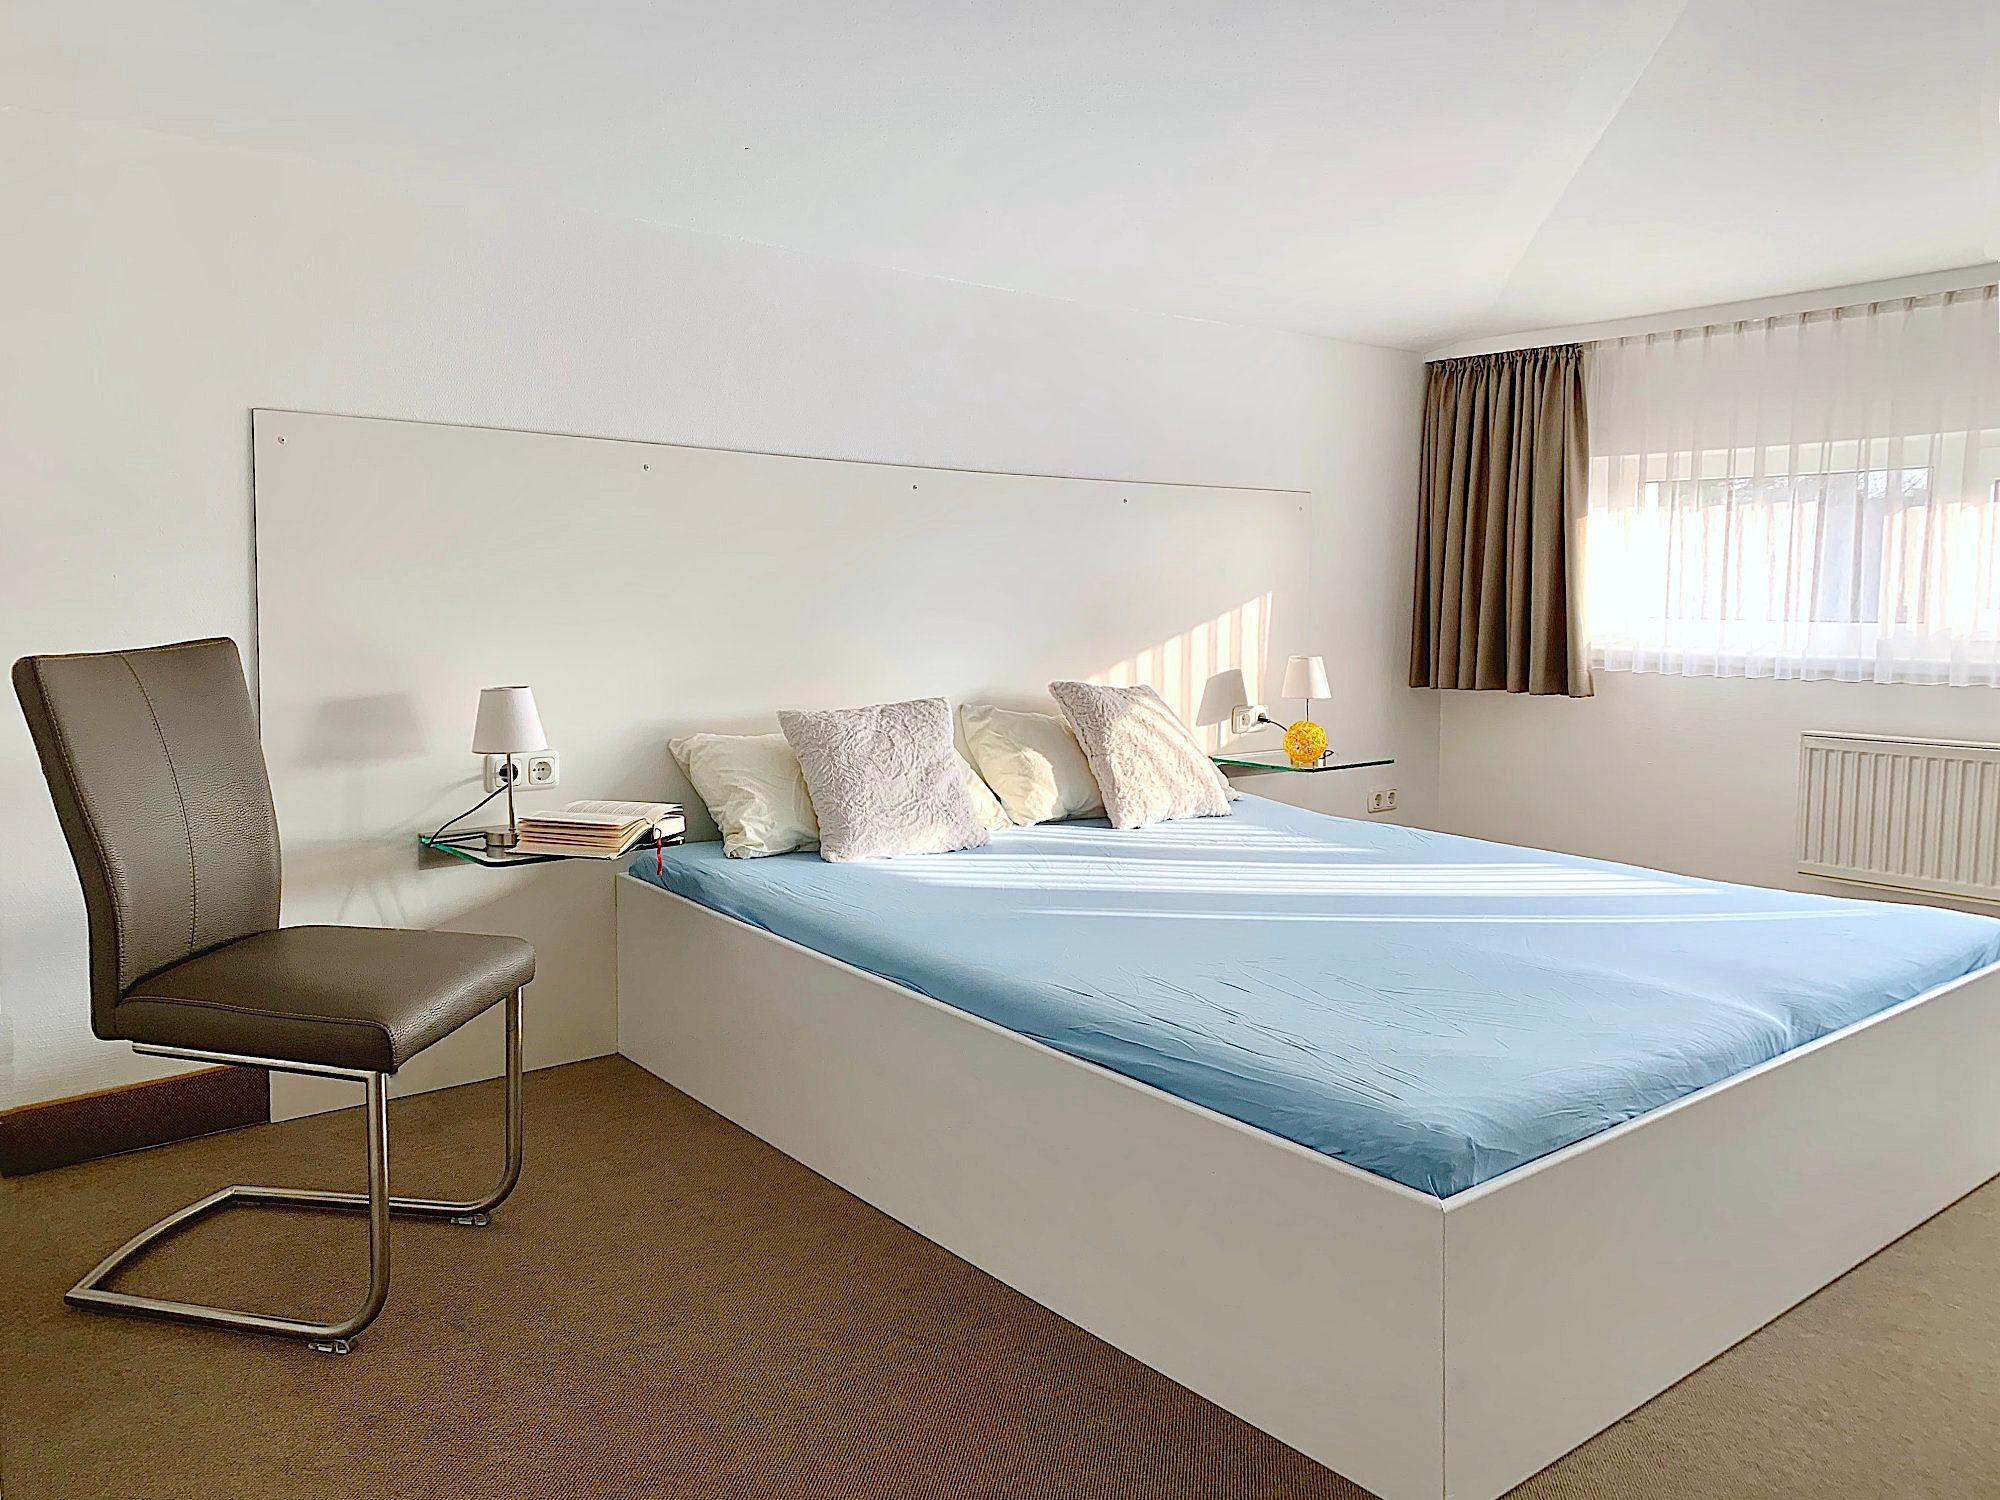 Schlafzimmer mit Doppelbett, rechts davon ein breites Fenster